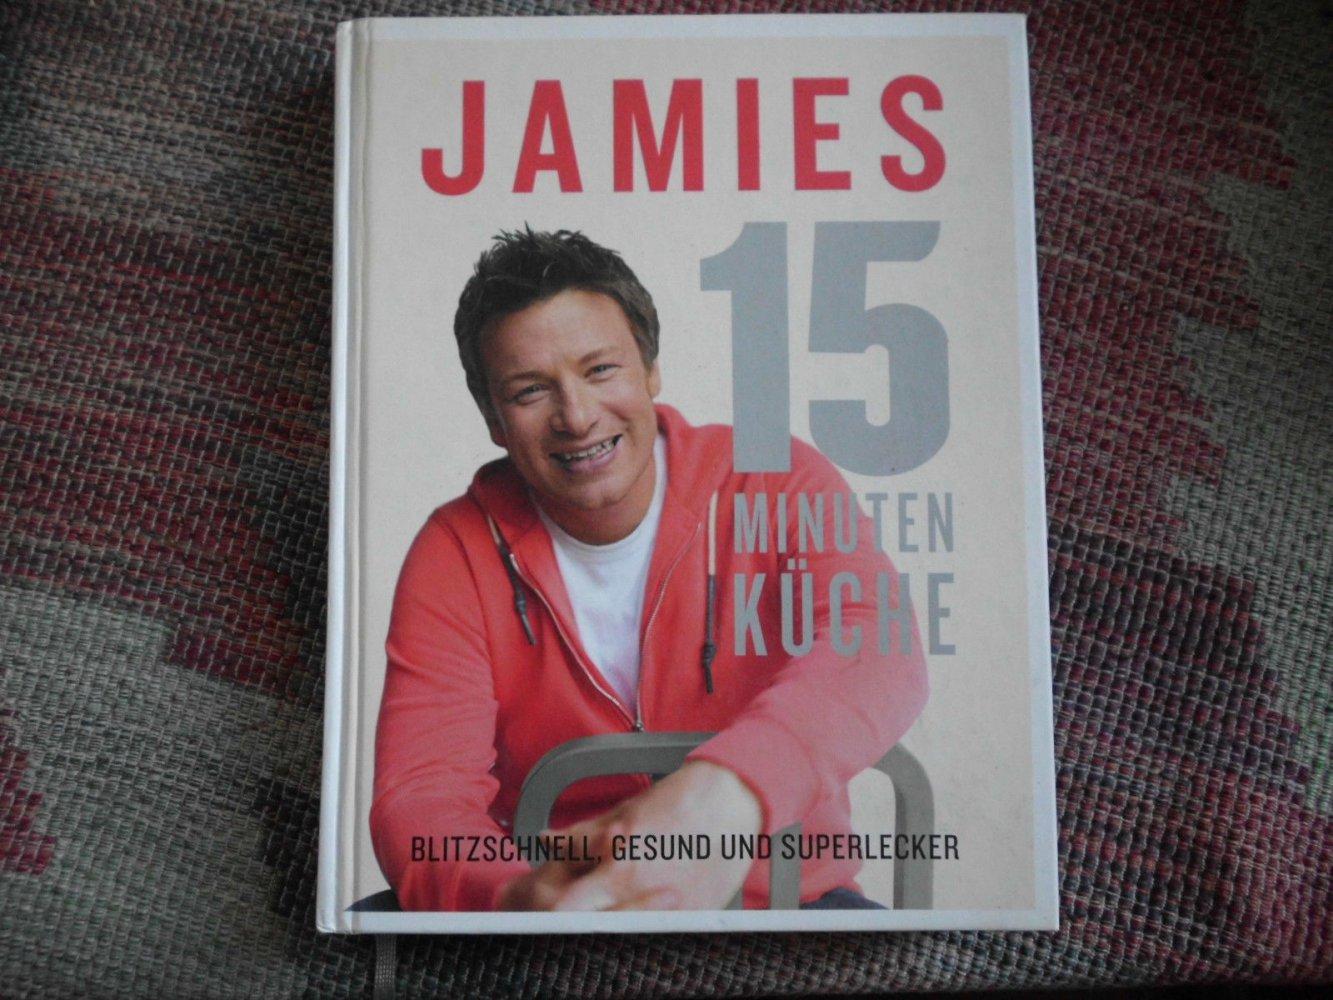 Jamies 15 Minuten Küche / Blitzschnell Gesund und Superlecker ...